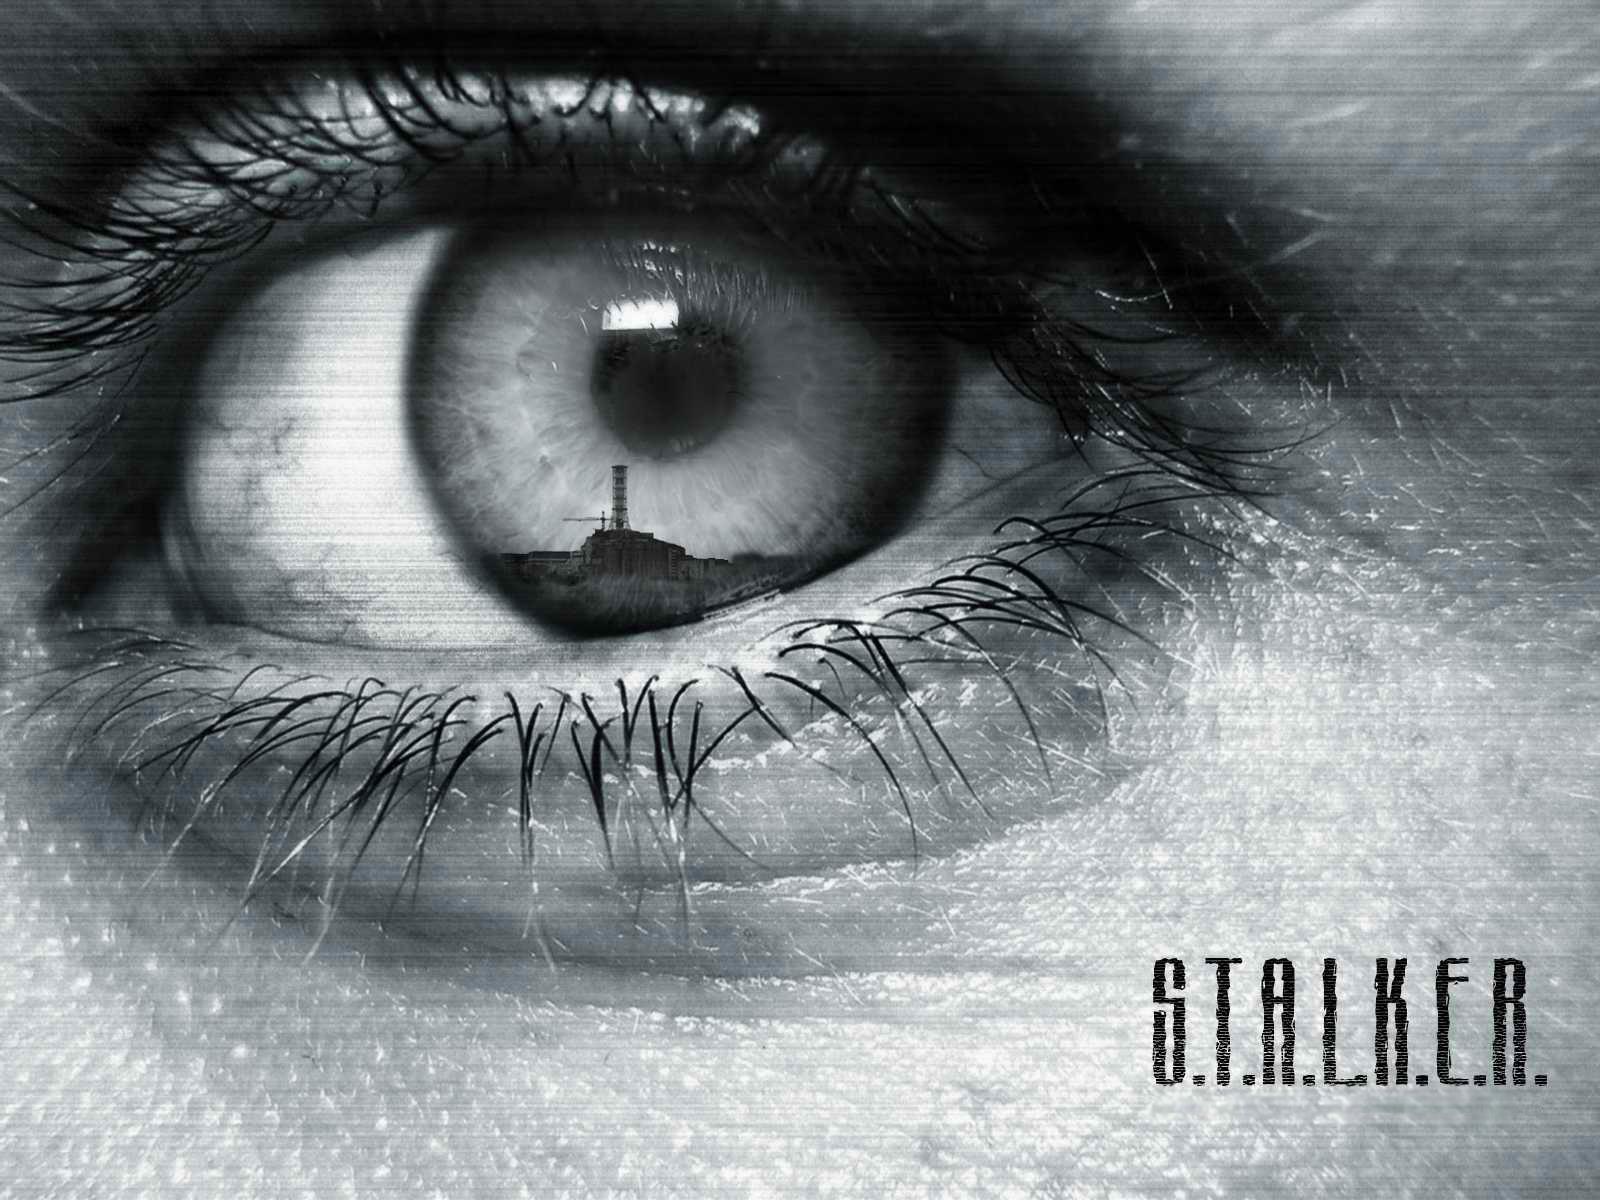 S.T.A.L.K.E.R. 2 dio su ultimo aliento de vida, por otro lado nace otra franquicia [Vídeo]